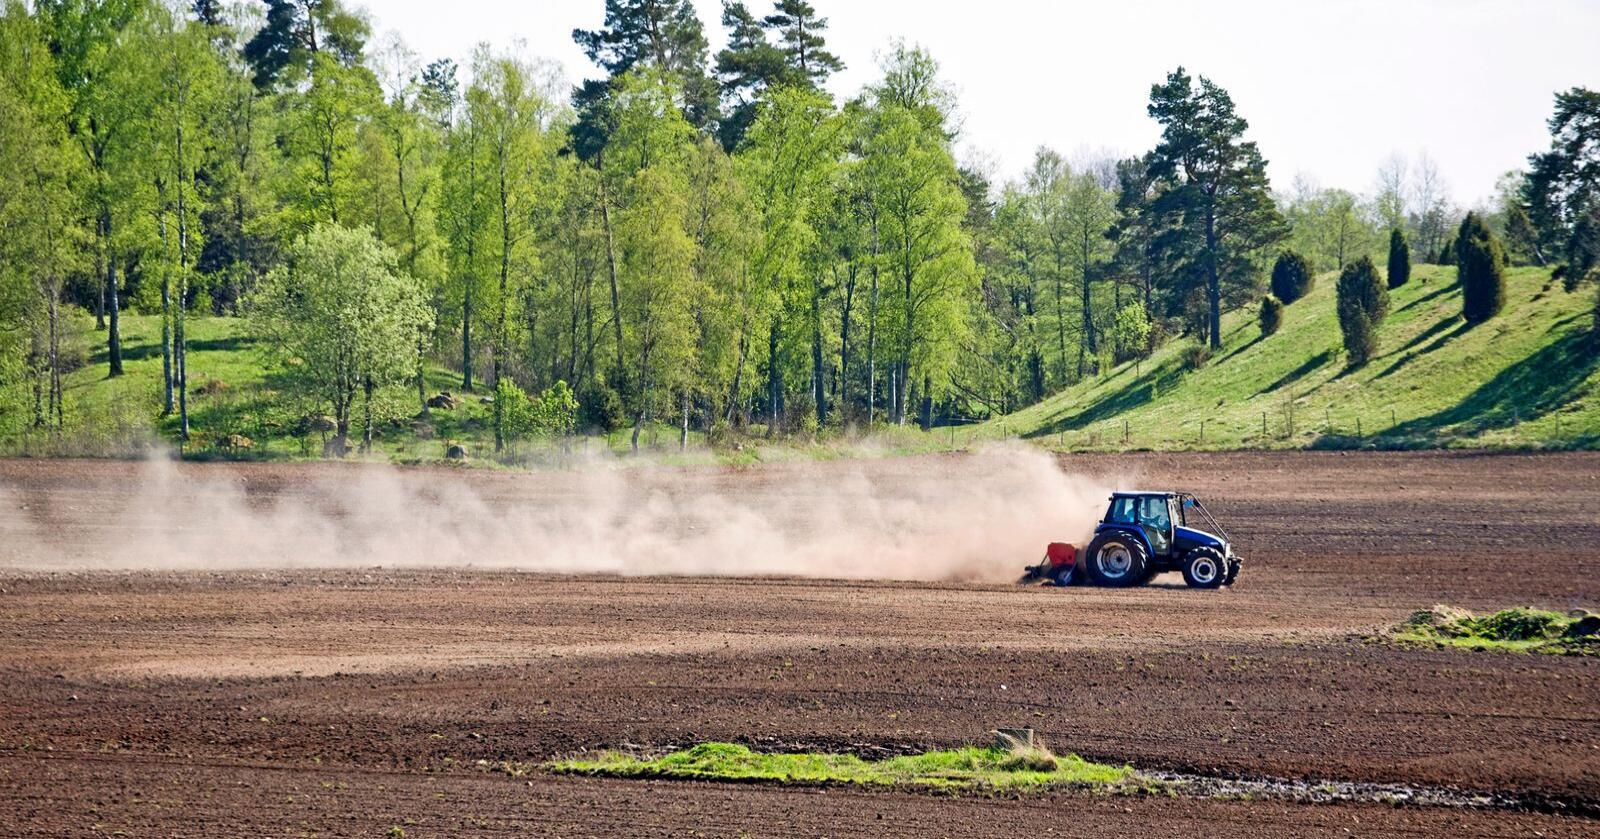 Vi ser fram til å følge med på klimaarbeidet i landbruket og er sikre på at målene om å kutte 5 millioner tonn CO2-ekvivalenter vil nås innen 2030, skriver Guro Angell Gimse. Foto: Mostphotos